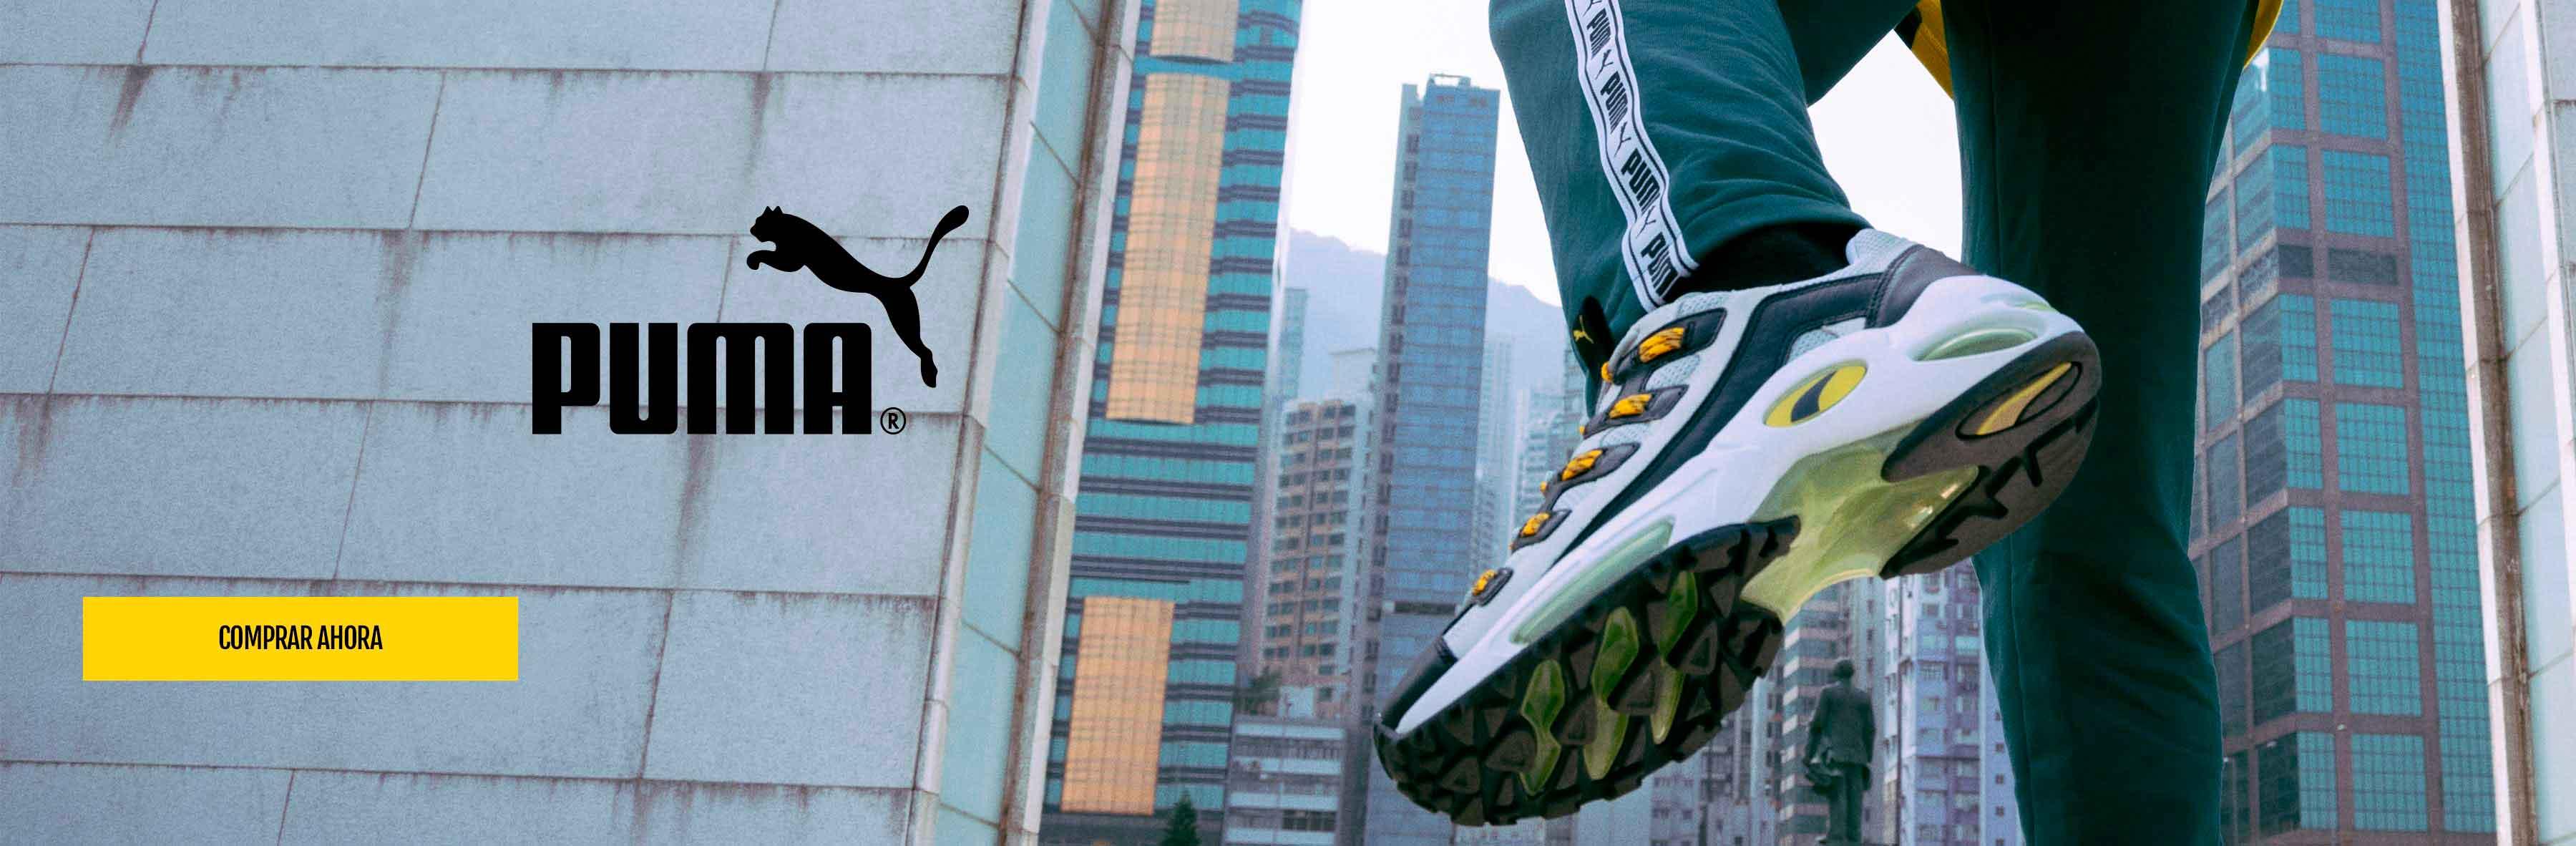 2a9b9b671 Tienda de tenis casuales y ropa de moda en línea | Dpstreet